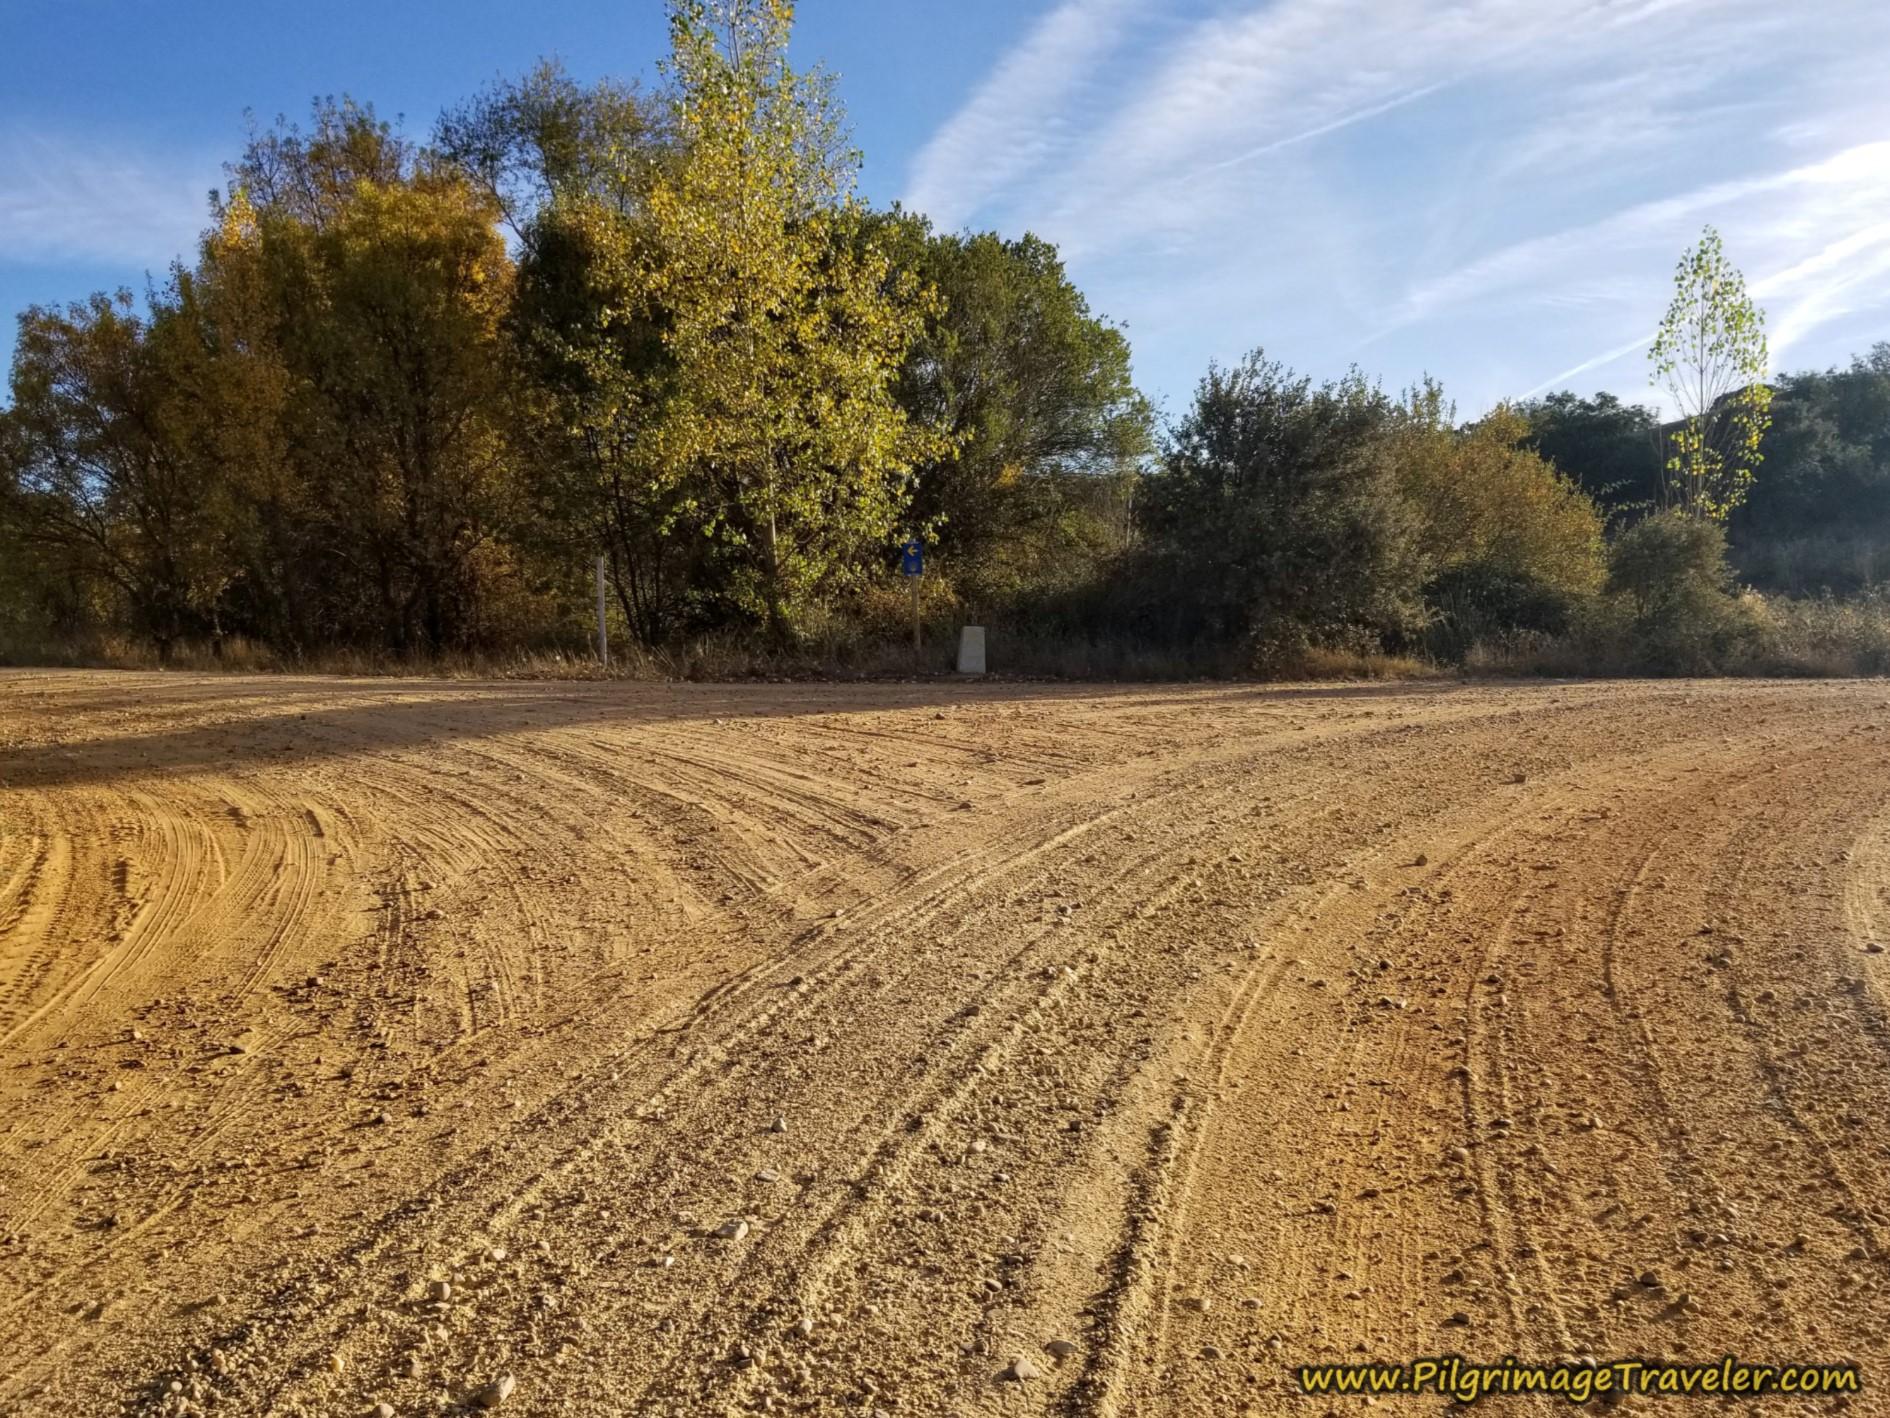 Joining Main Camino, Turn Left